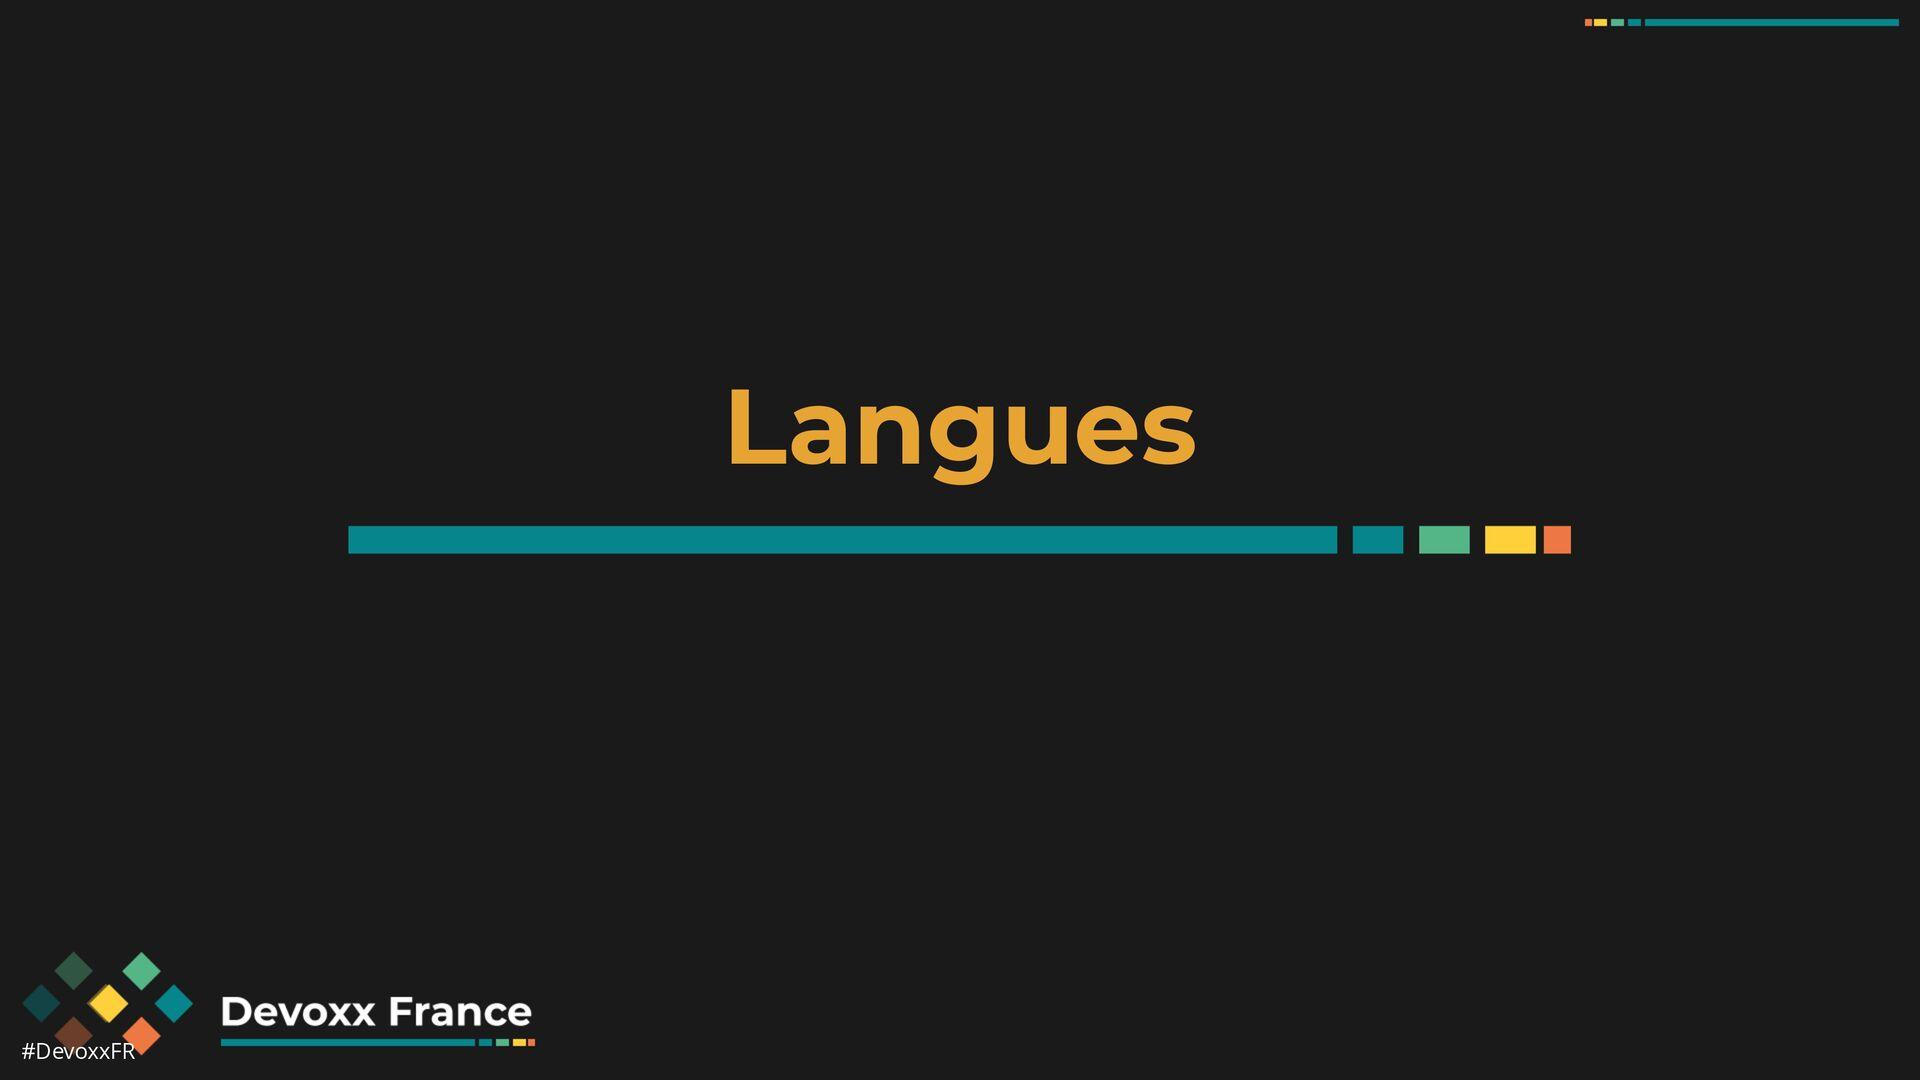 #DevoxxFR Langues